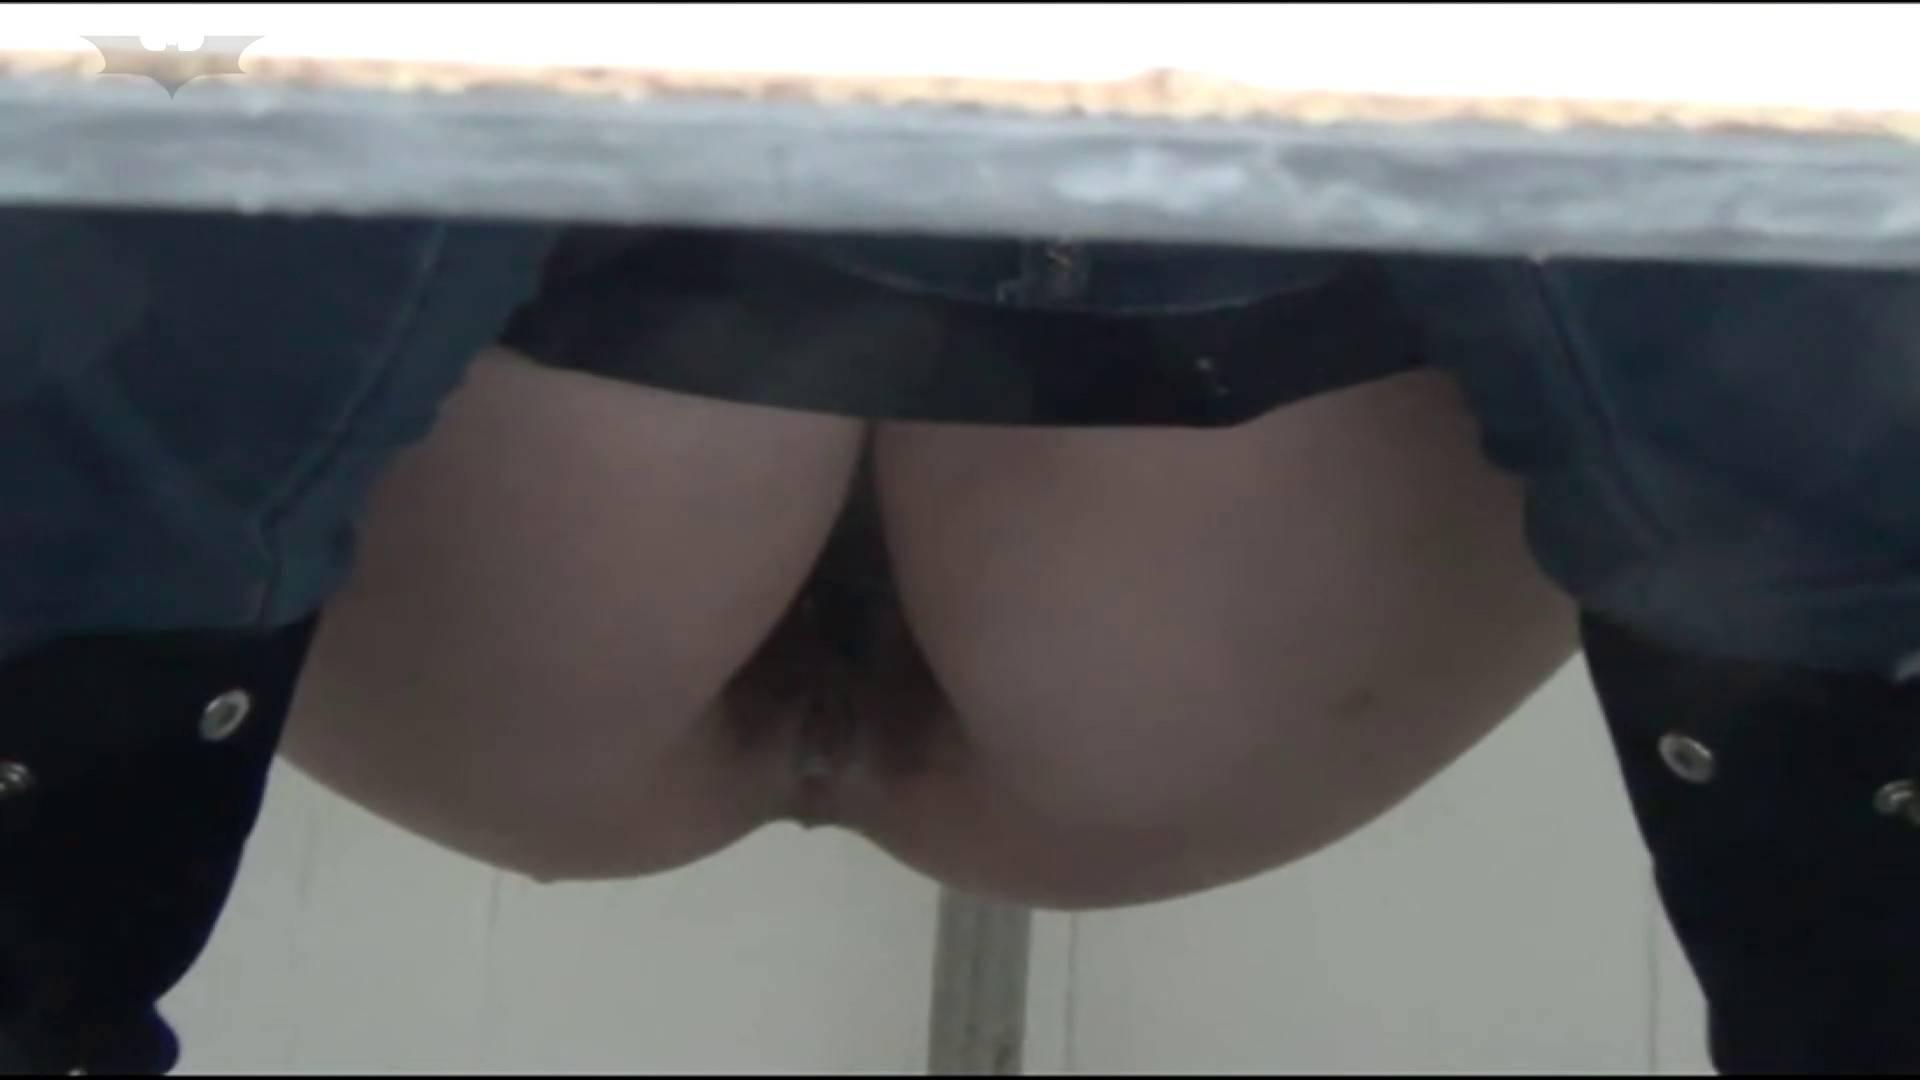 JD盗撮 美女の洗面所の秘密 Vol.16 トイレのぞき ヌード画像 96画像 69